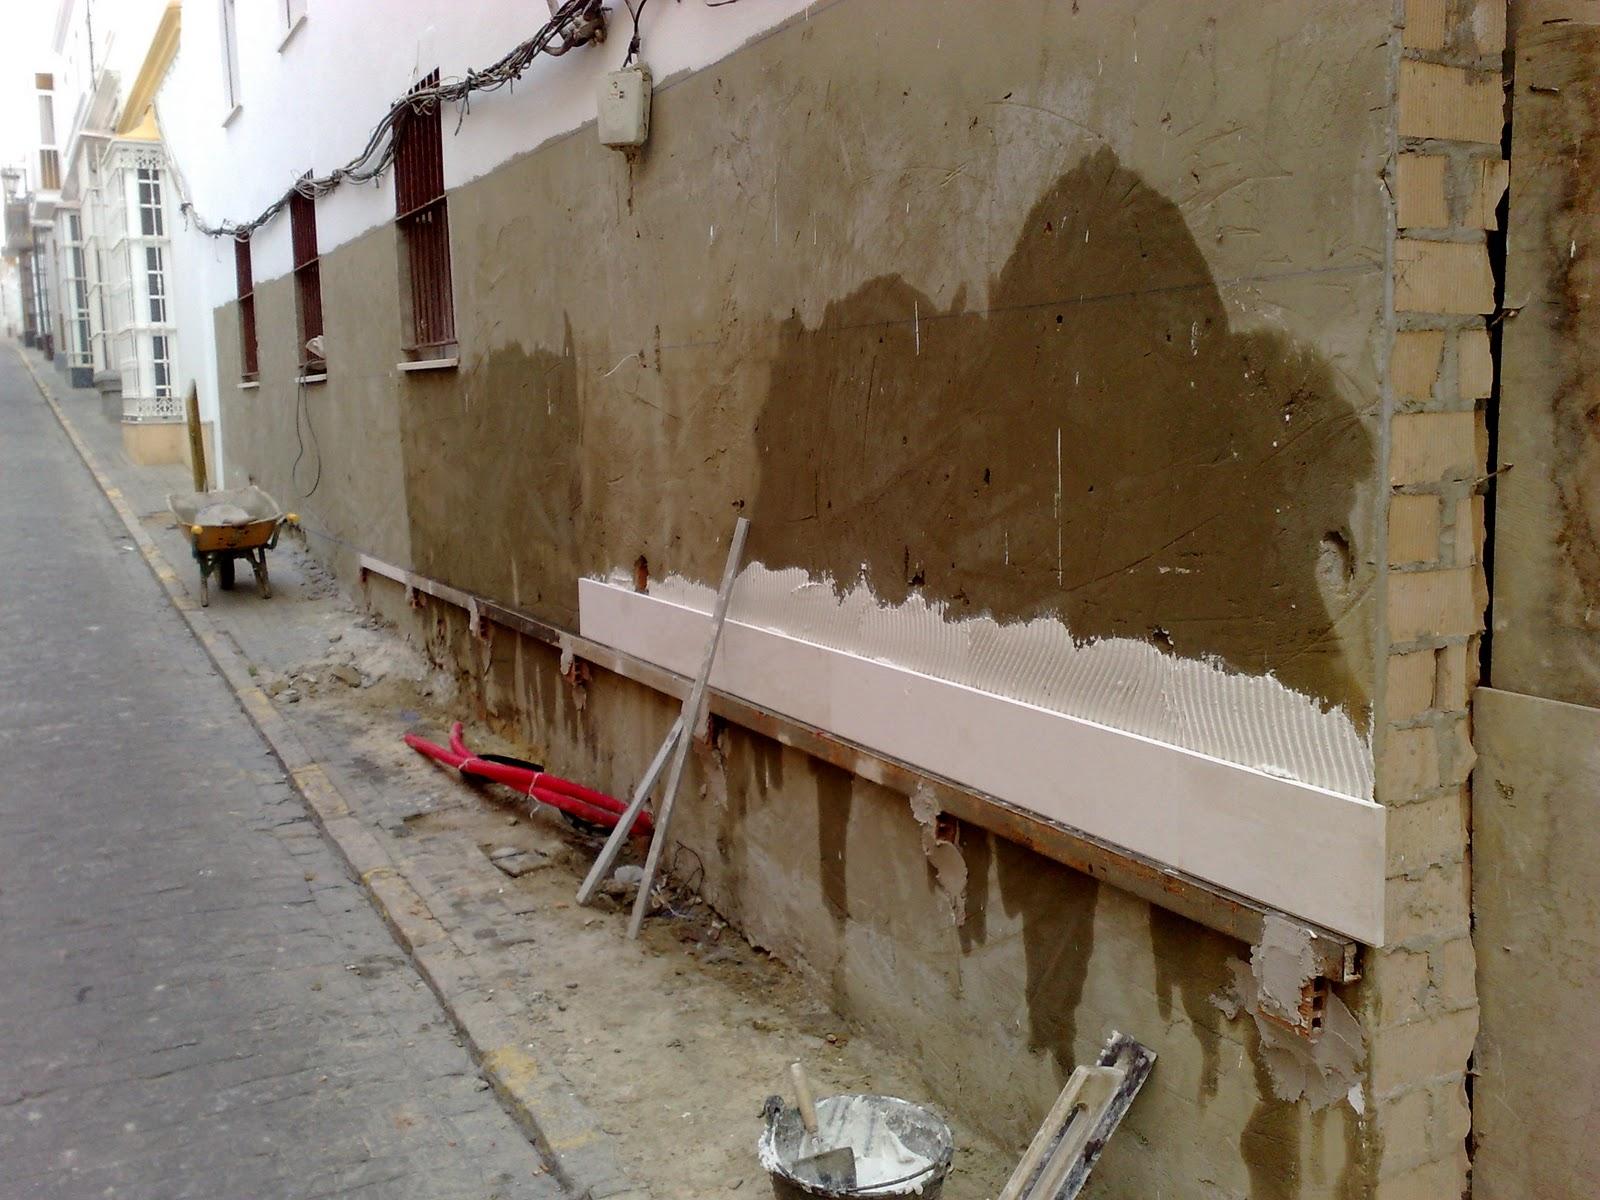 Manuel de celis revestimientos - Aplacado piedra fachada ...